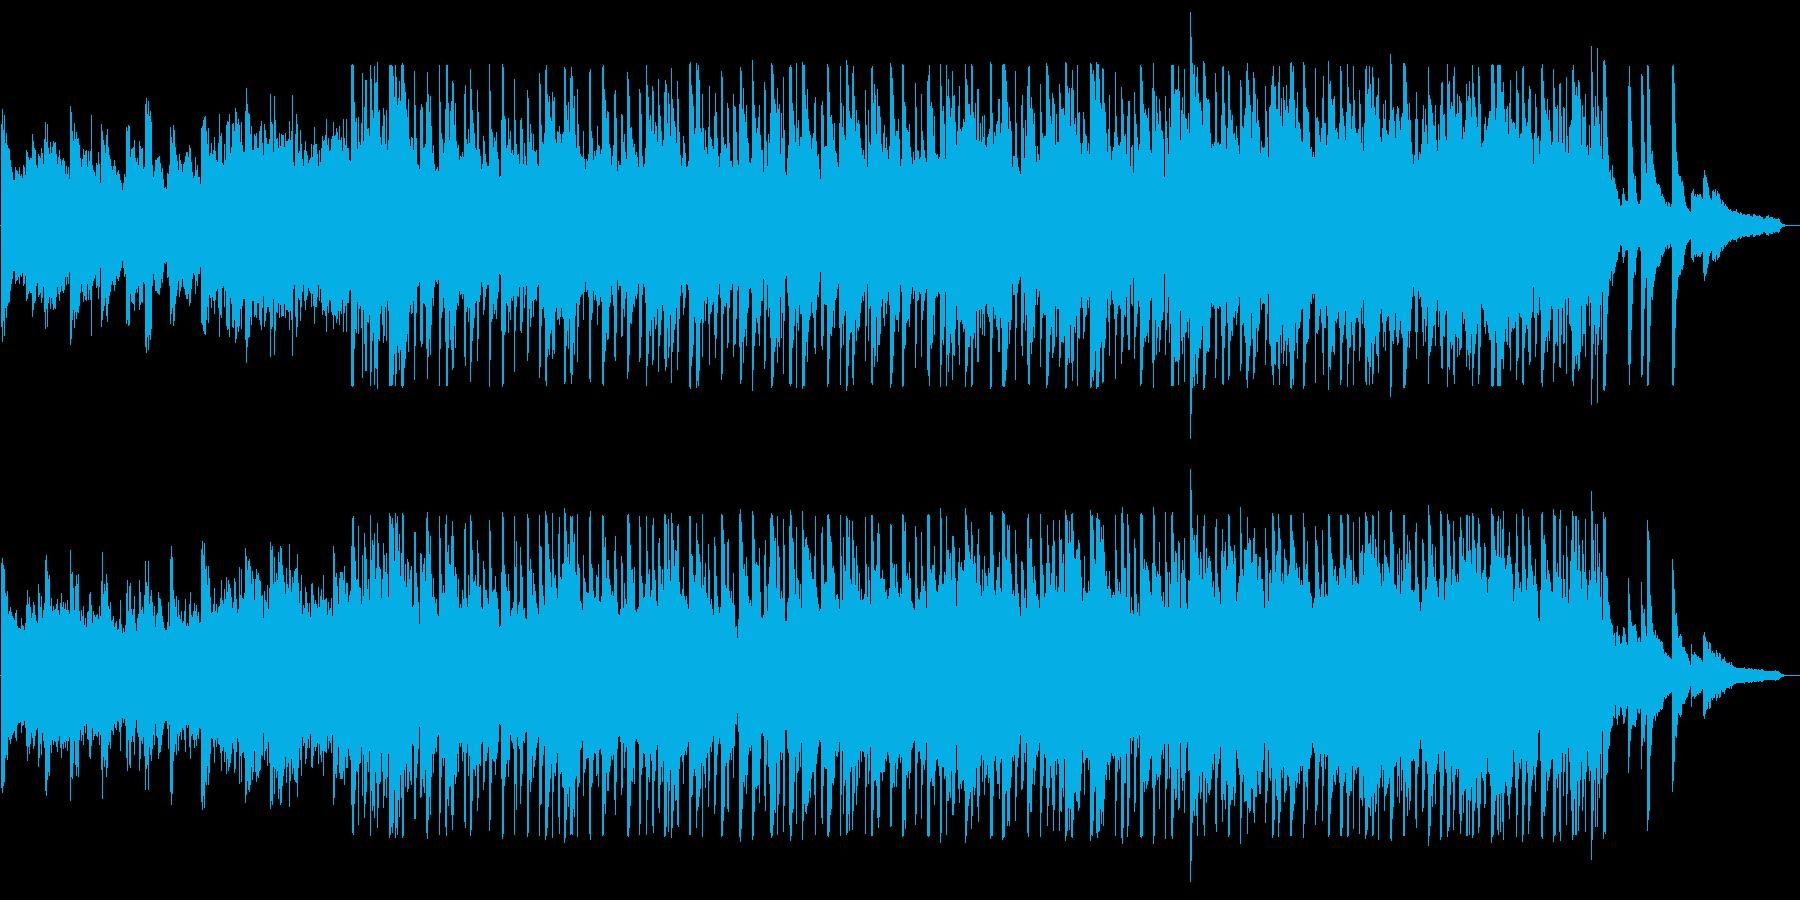 朝にぴったりな爽やかピアノサウンドの再生済みの波形